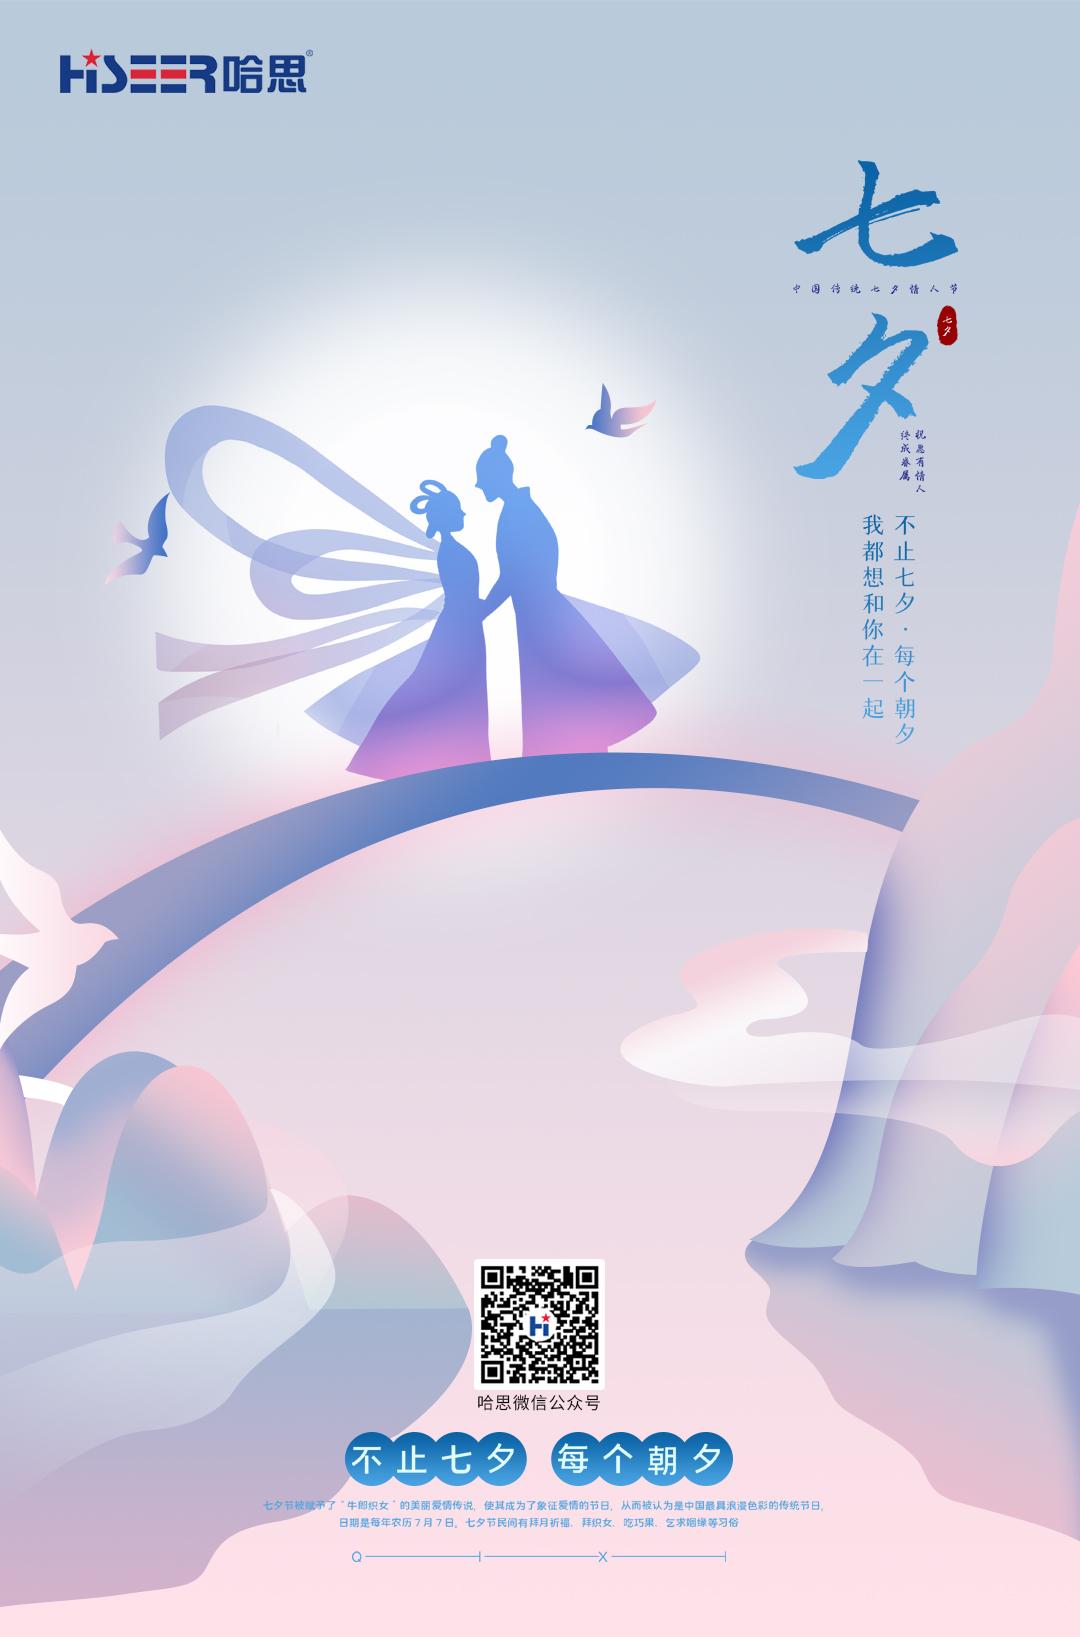 不止七夕,每个朝夕-七夕节日快乐-哈思新能源官网